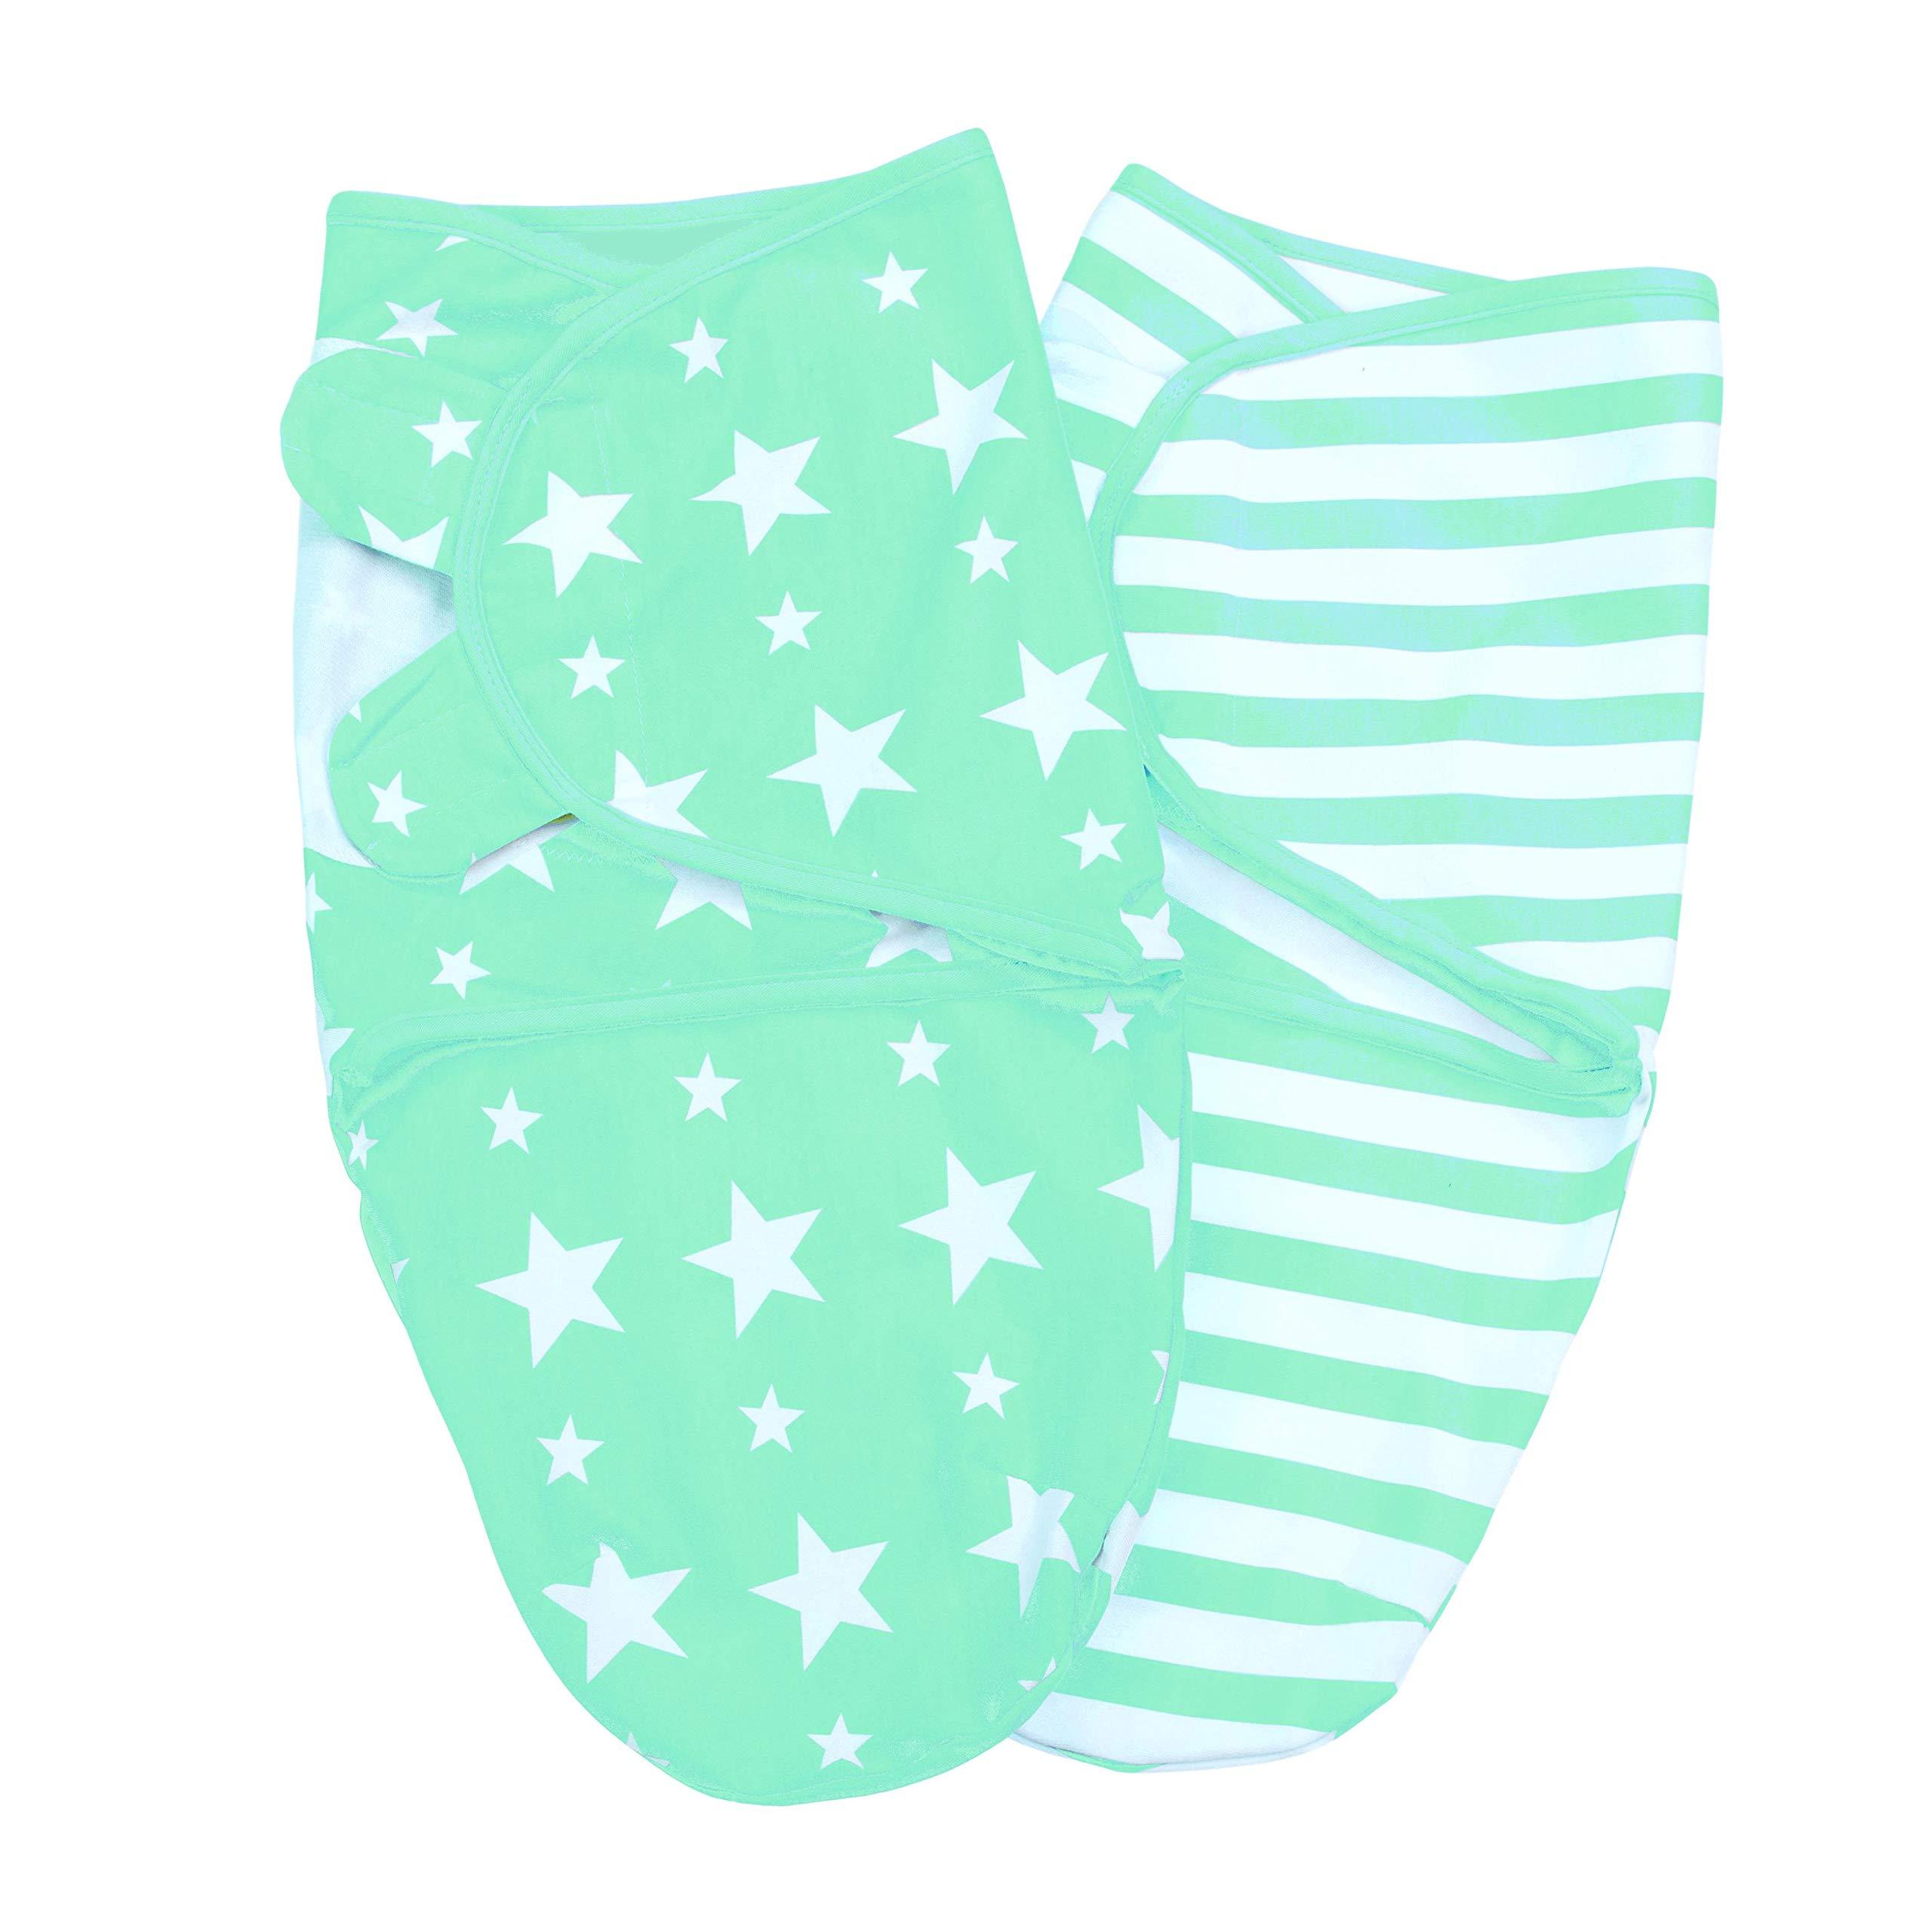 Saco-s De Dormir Bebe-s Recien Nacido-s Mantas Arrullo Set 2 S//M o L Baby Swaddle Wrap Manta Envolvente